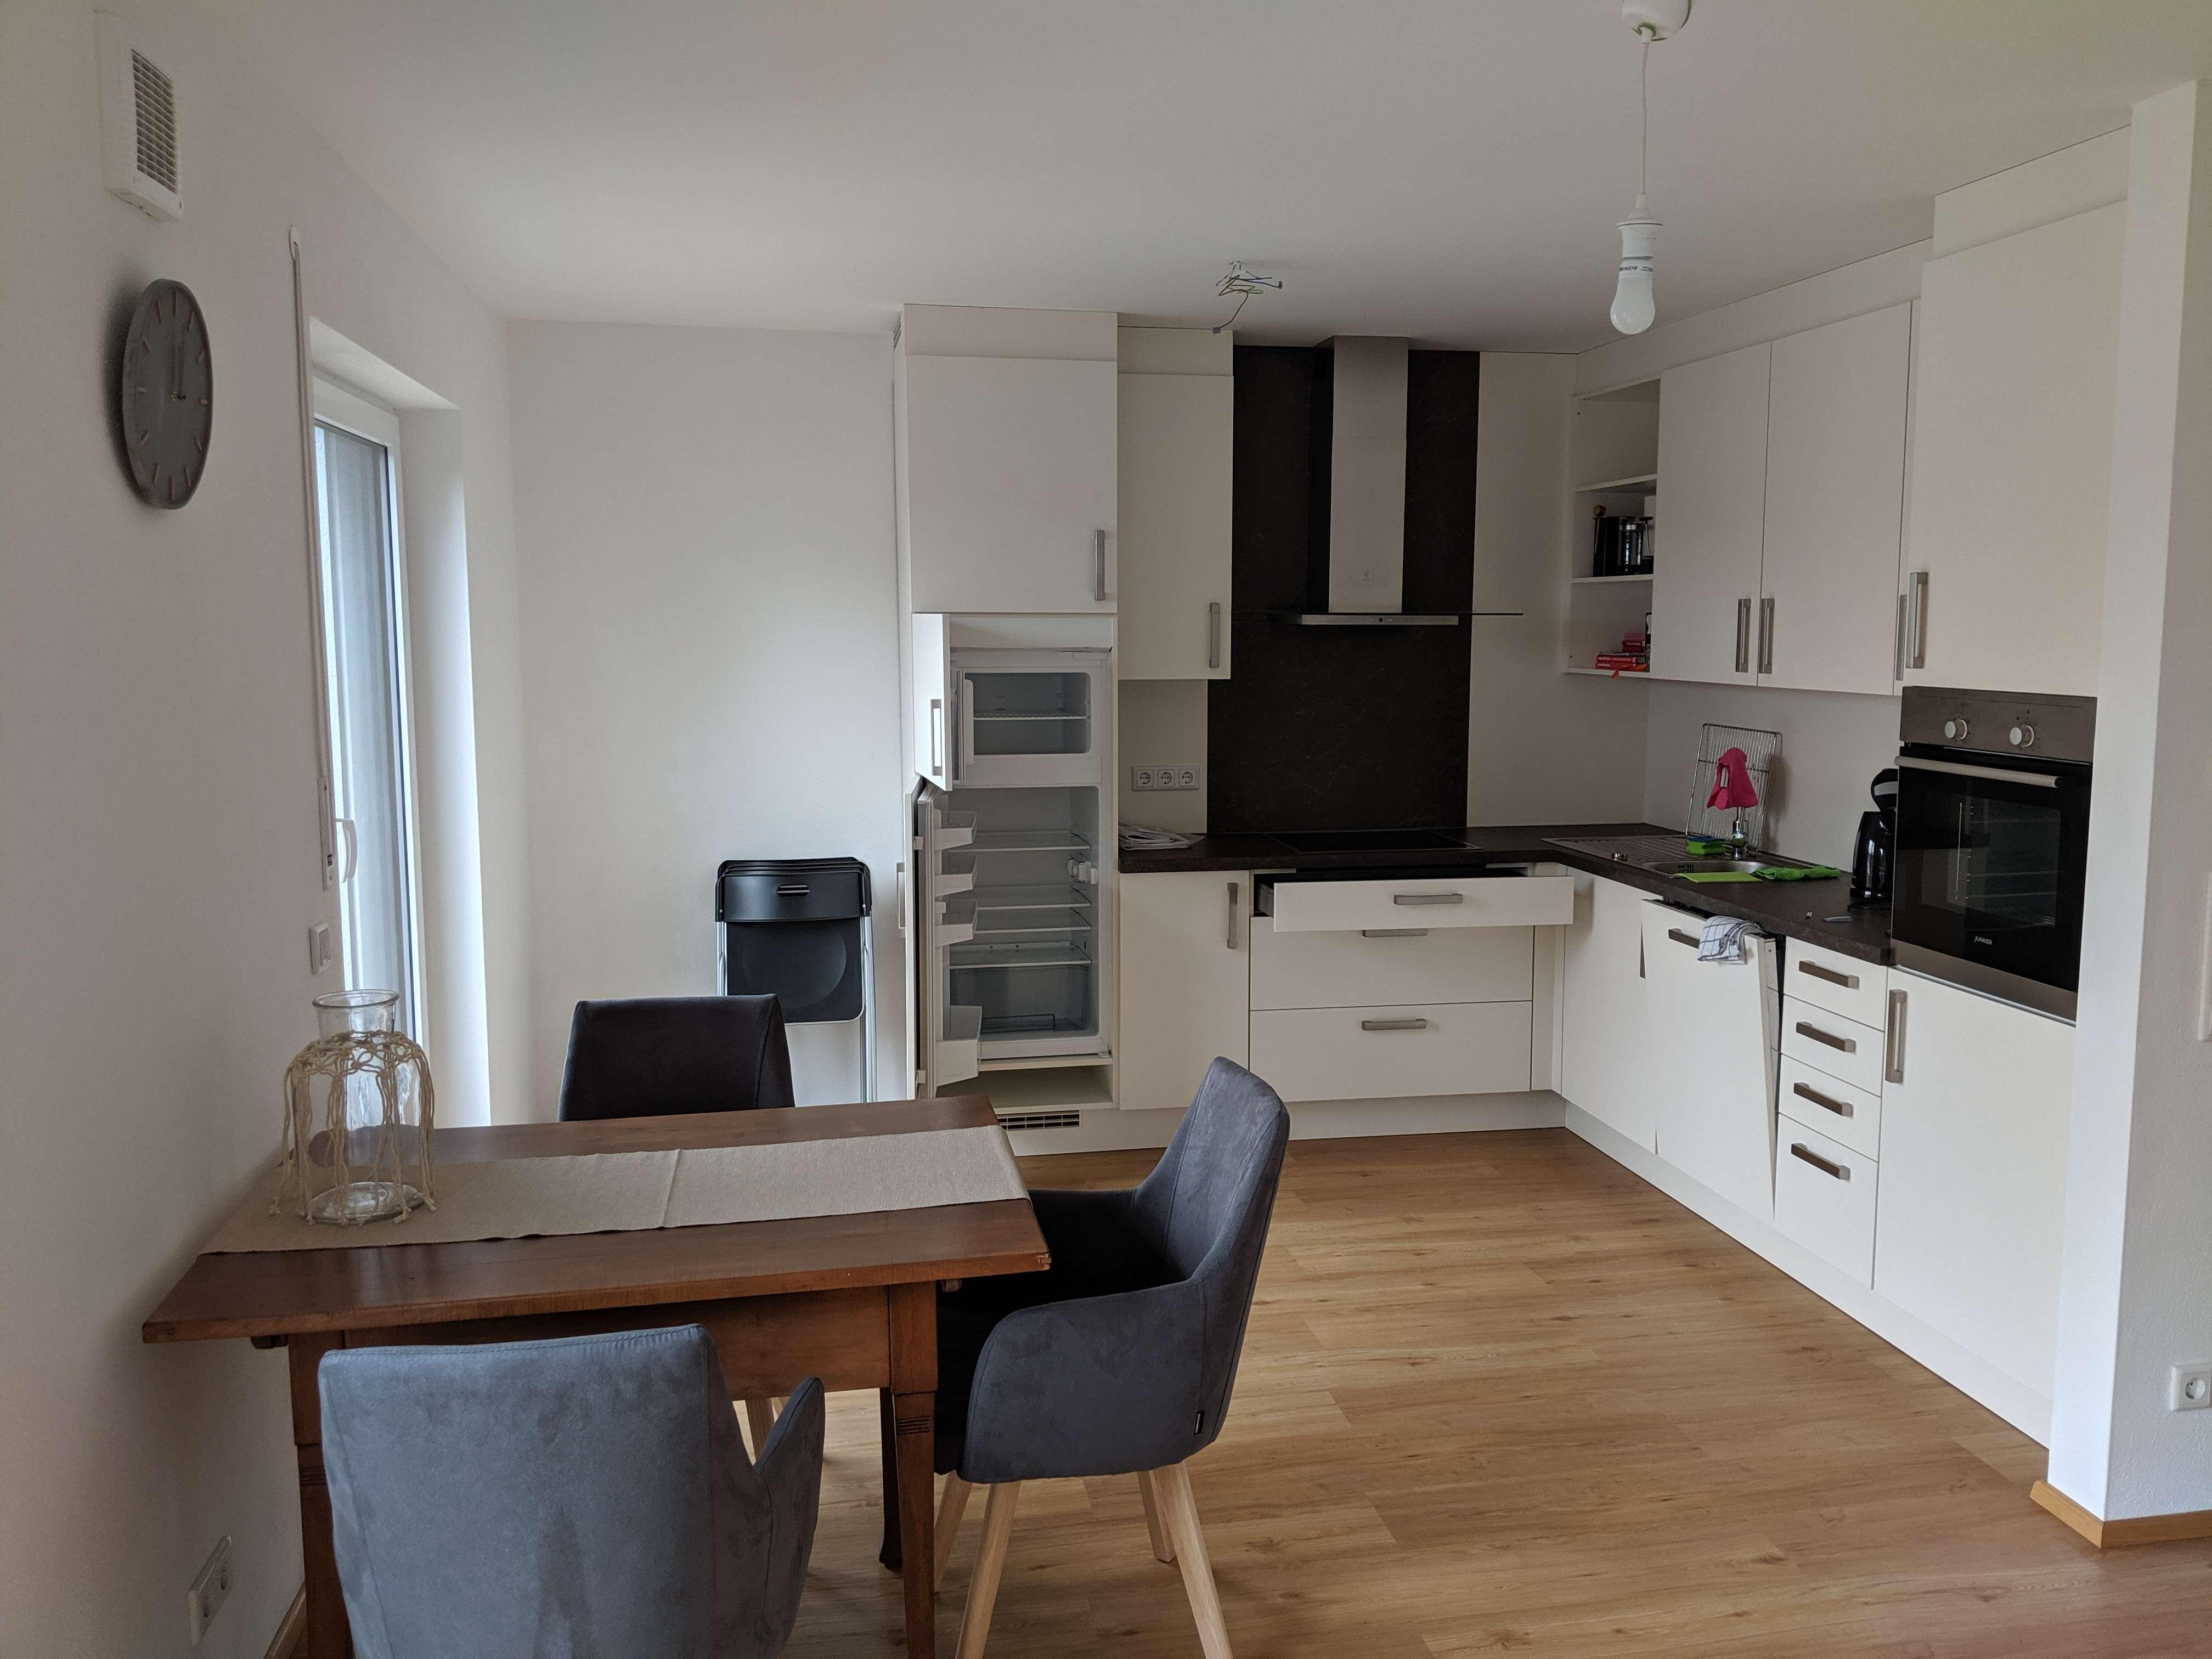 Stilvolle, neuwertige 3-Zimmer-Wohnung mit Balkon und Einbauküche in Ingolstadt in Südwest (Ingolstadt)